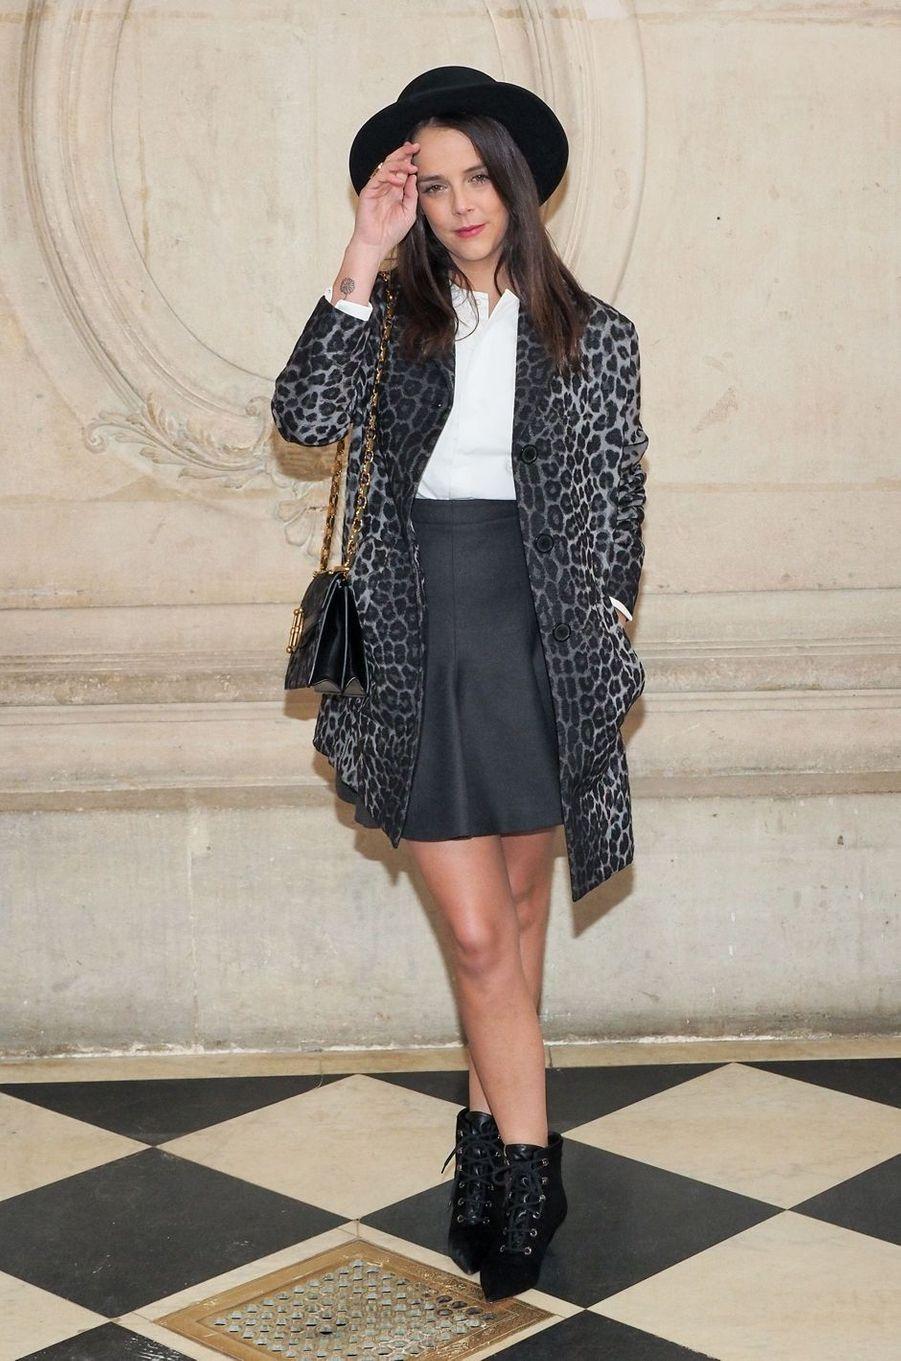 Pauline Ducruet à Paris, le 27 février 2018